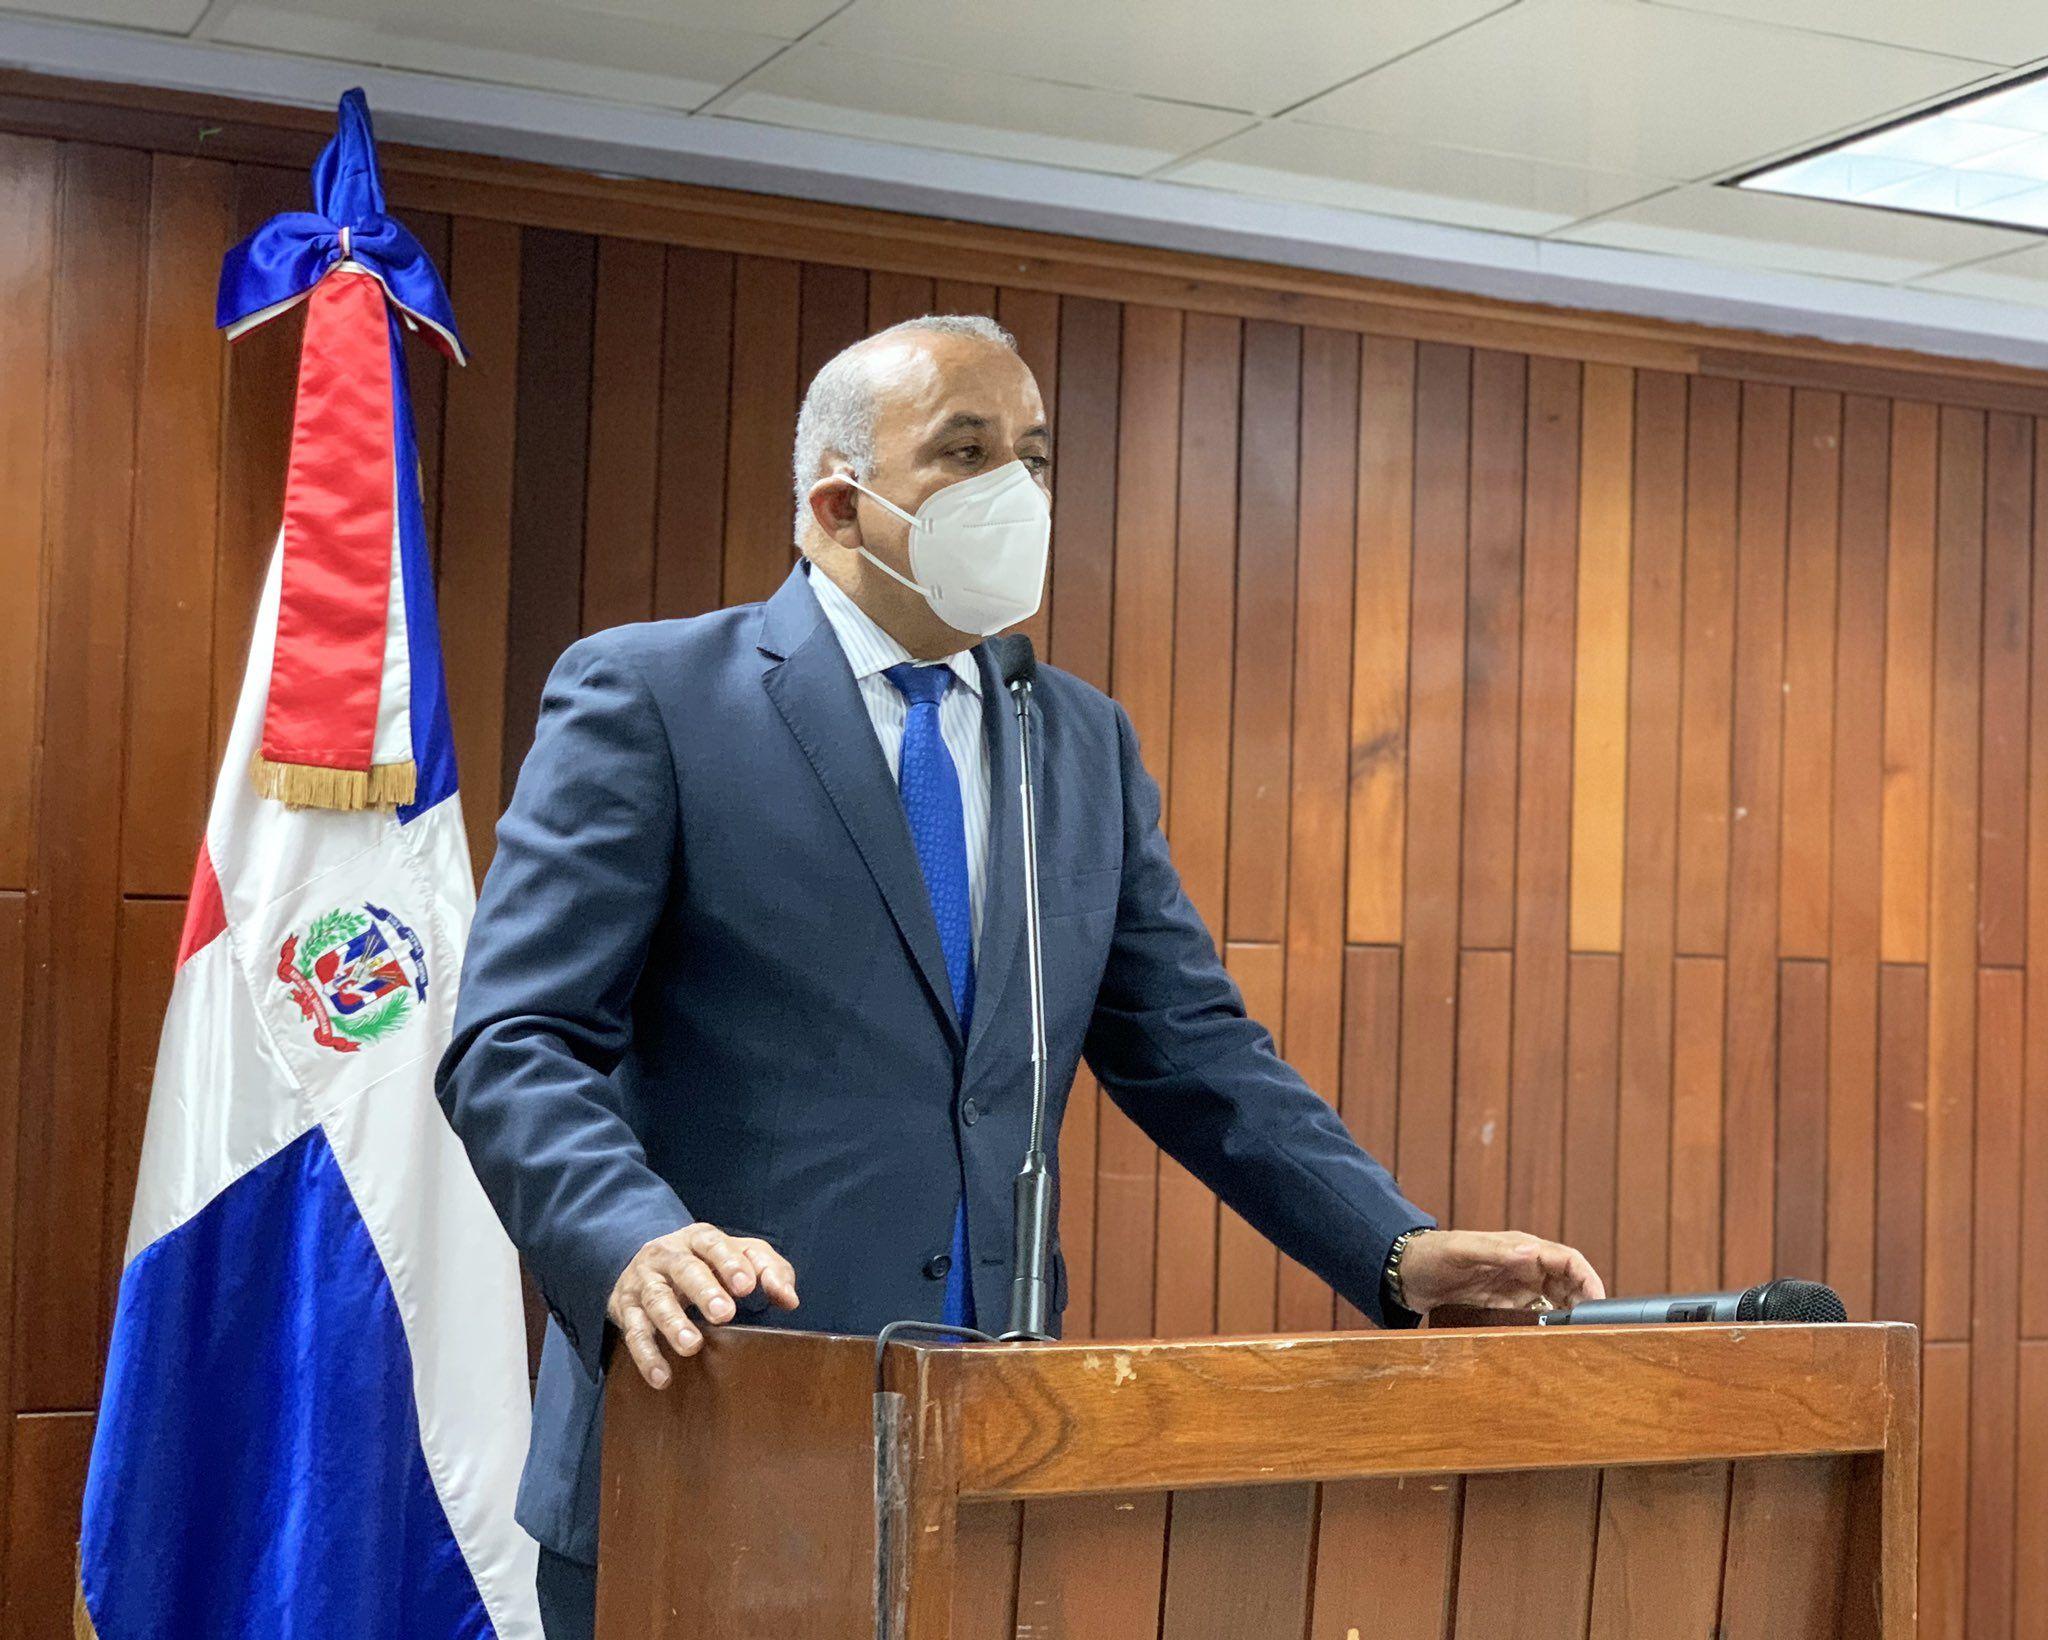 65% de los casos de Covid-19 son transmitidos por jóvenes dice ministro de SaludFUENTE EXTERNA.